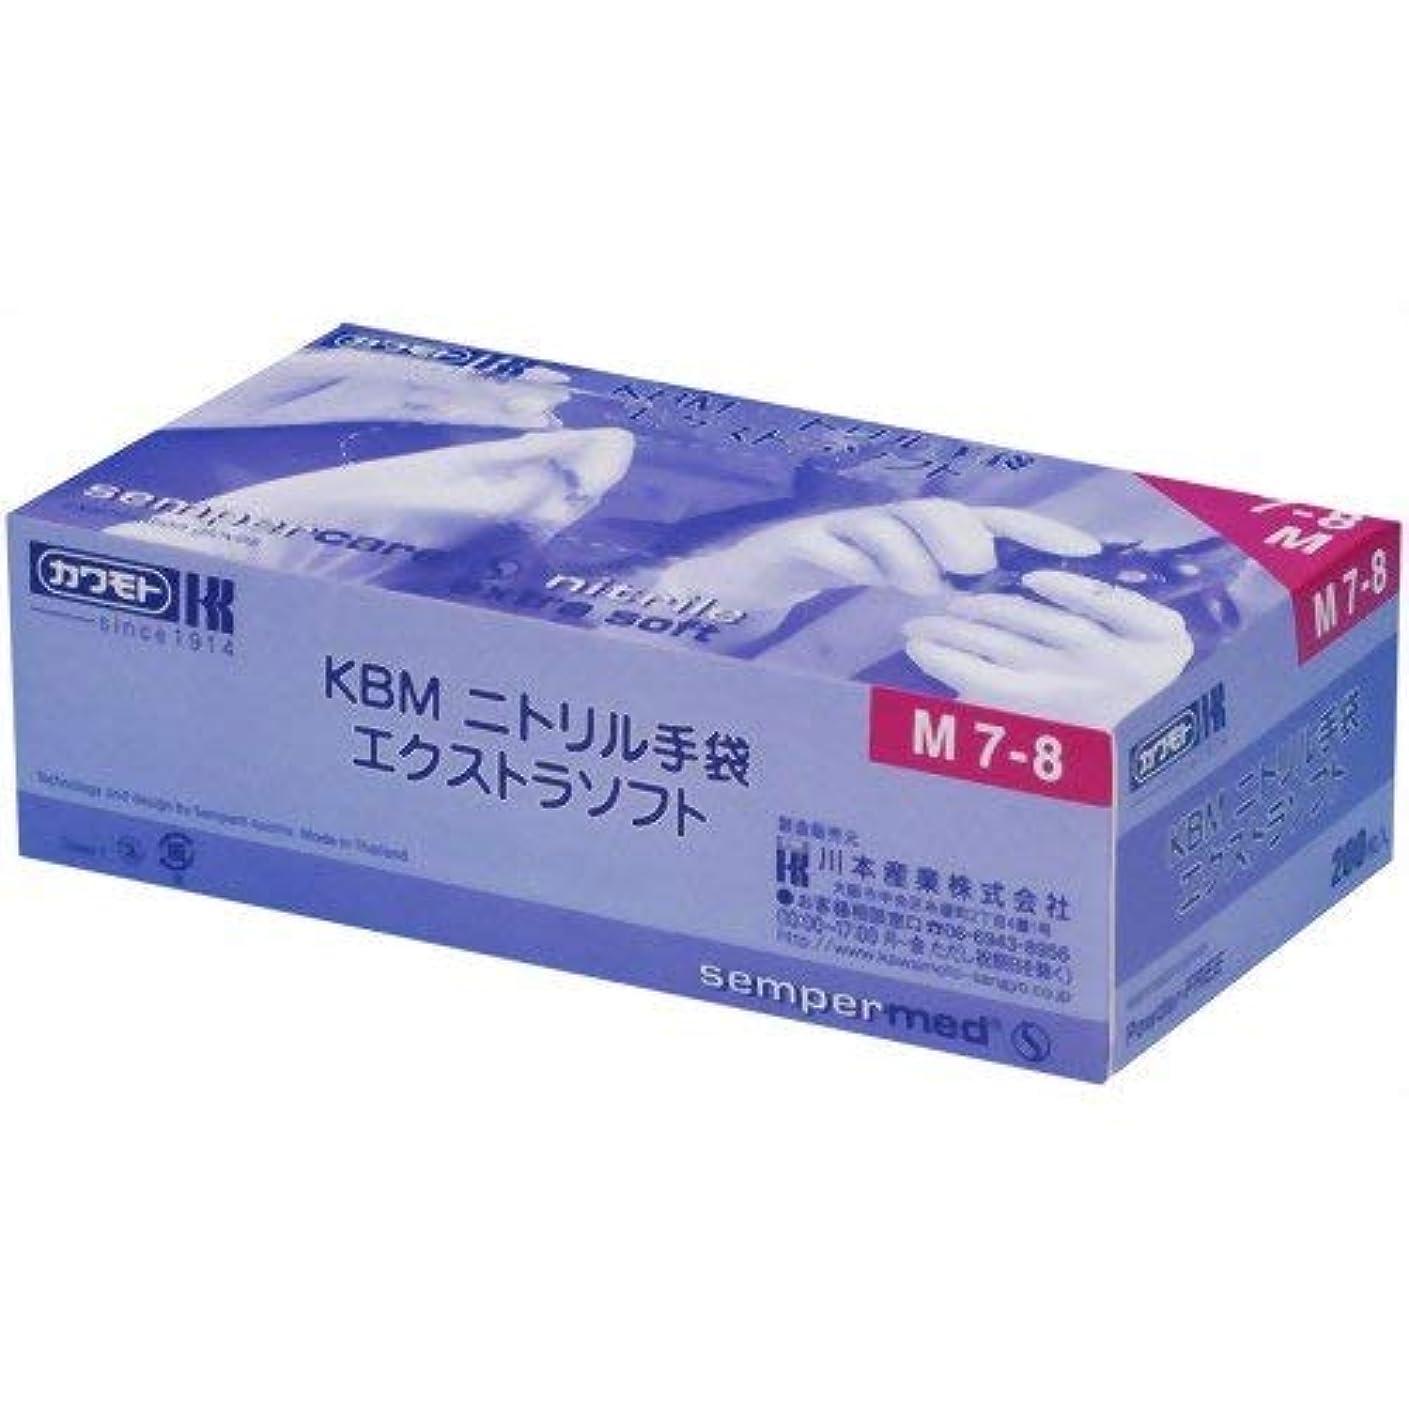 ありがたい特別に群集川本産業 KBMニトリル手袋 エクストラソフト L 200枚入 × 24個セット